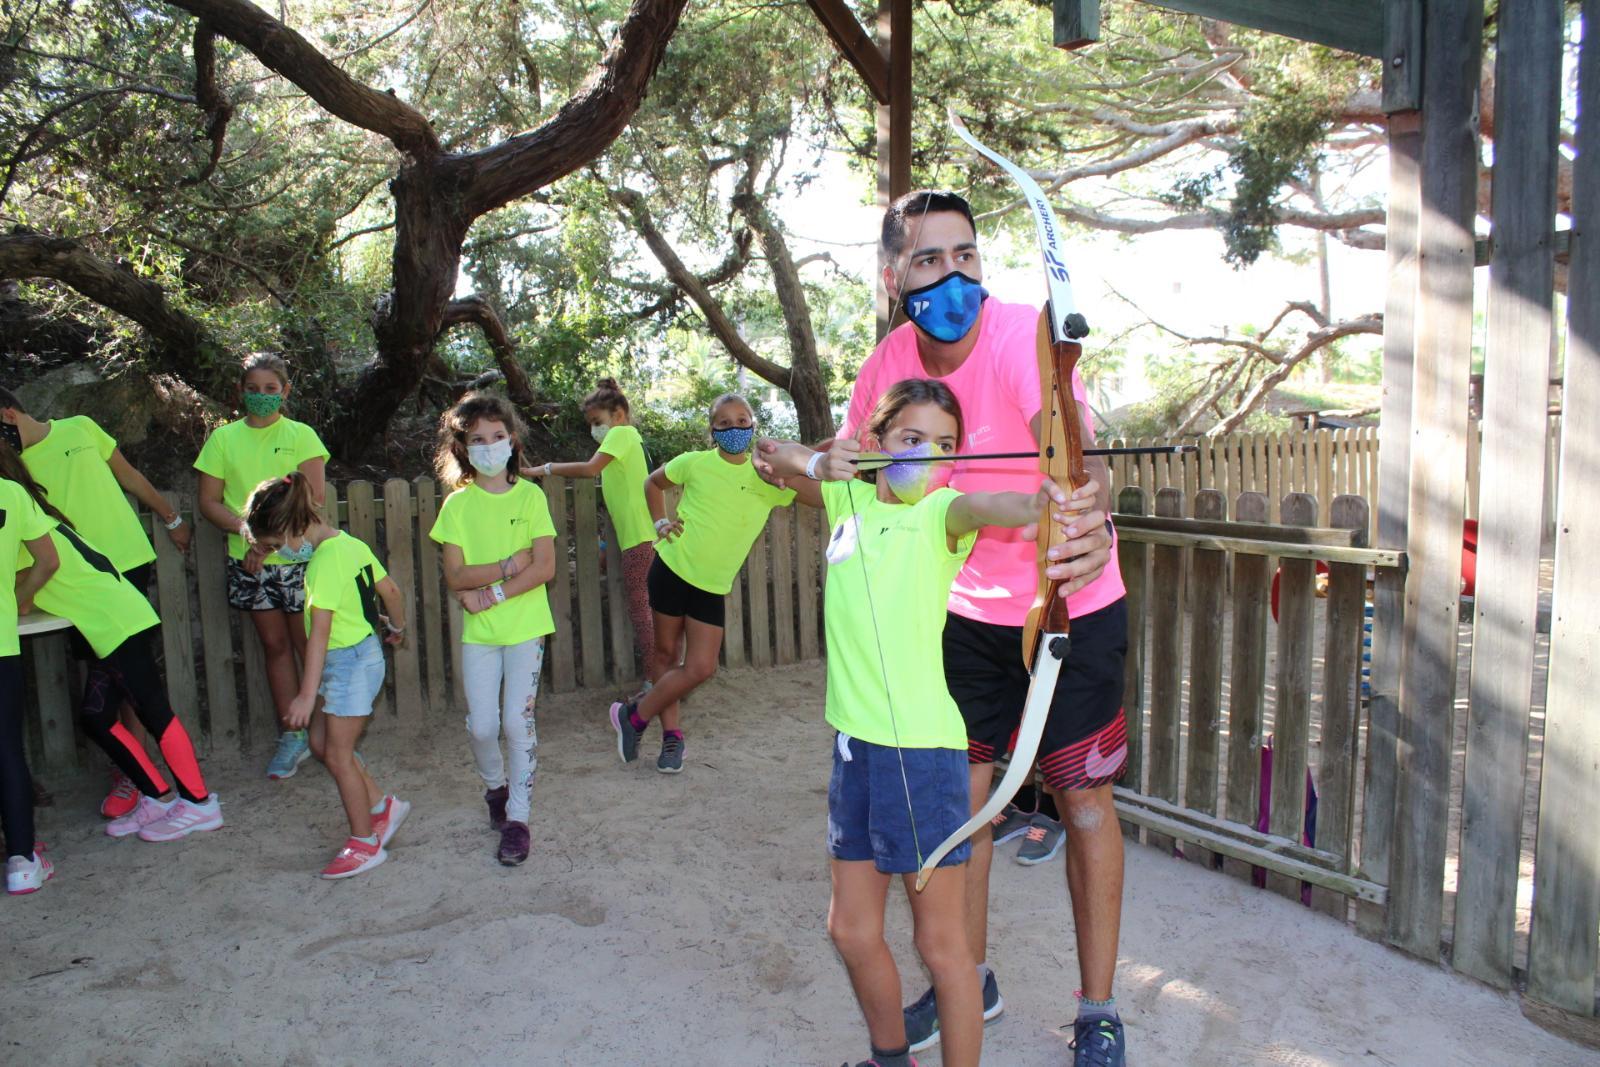 Más de 1.000 personas han hecho deporte en familia de manera segura gracias al Consell de Mallorca